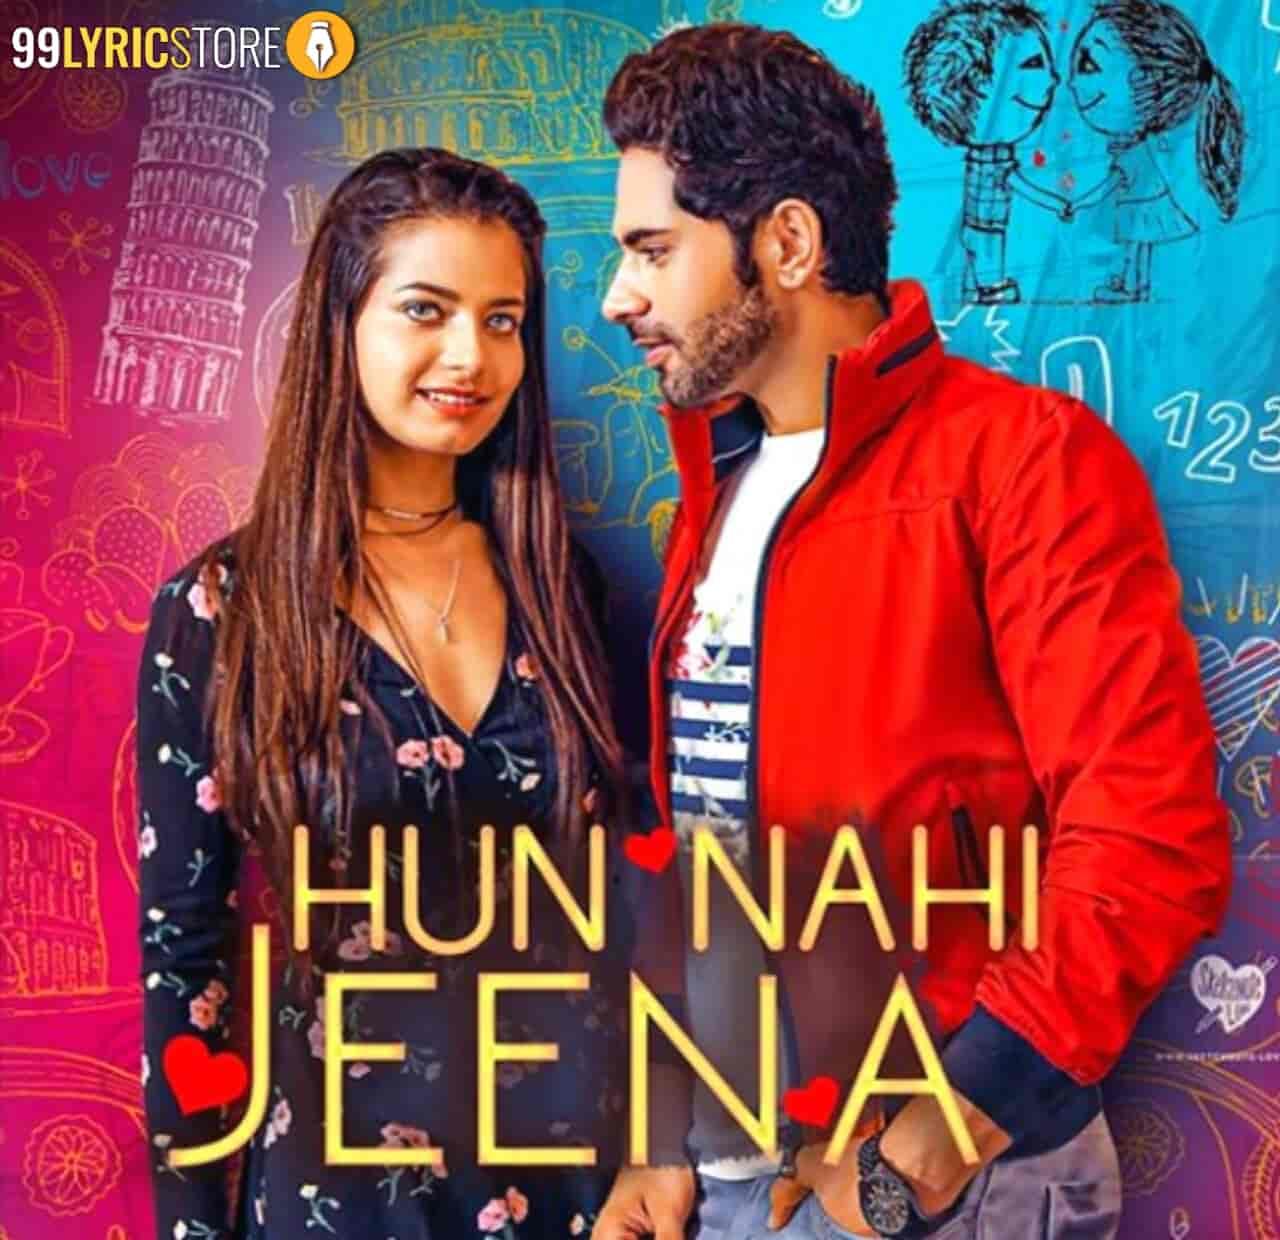 Hun Nahi Jeena Punjabi images by Asees Kaur